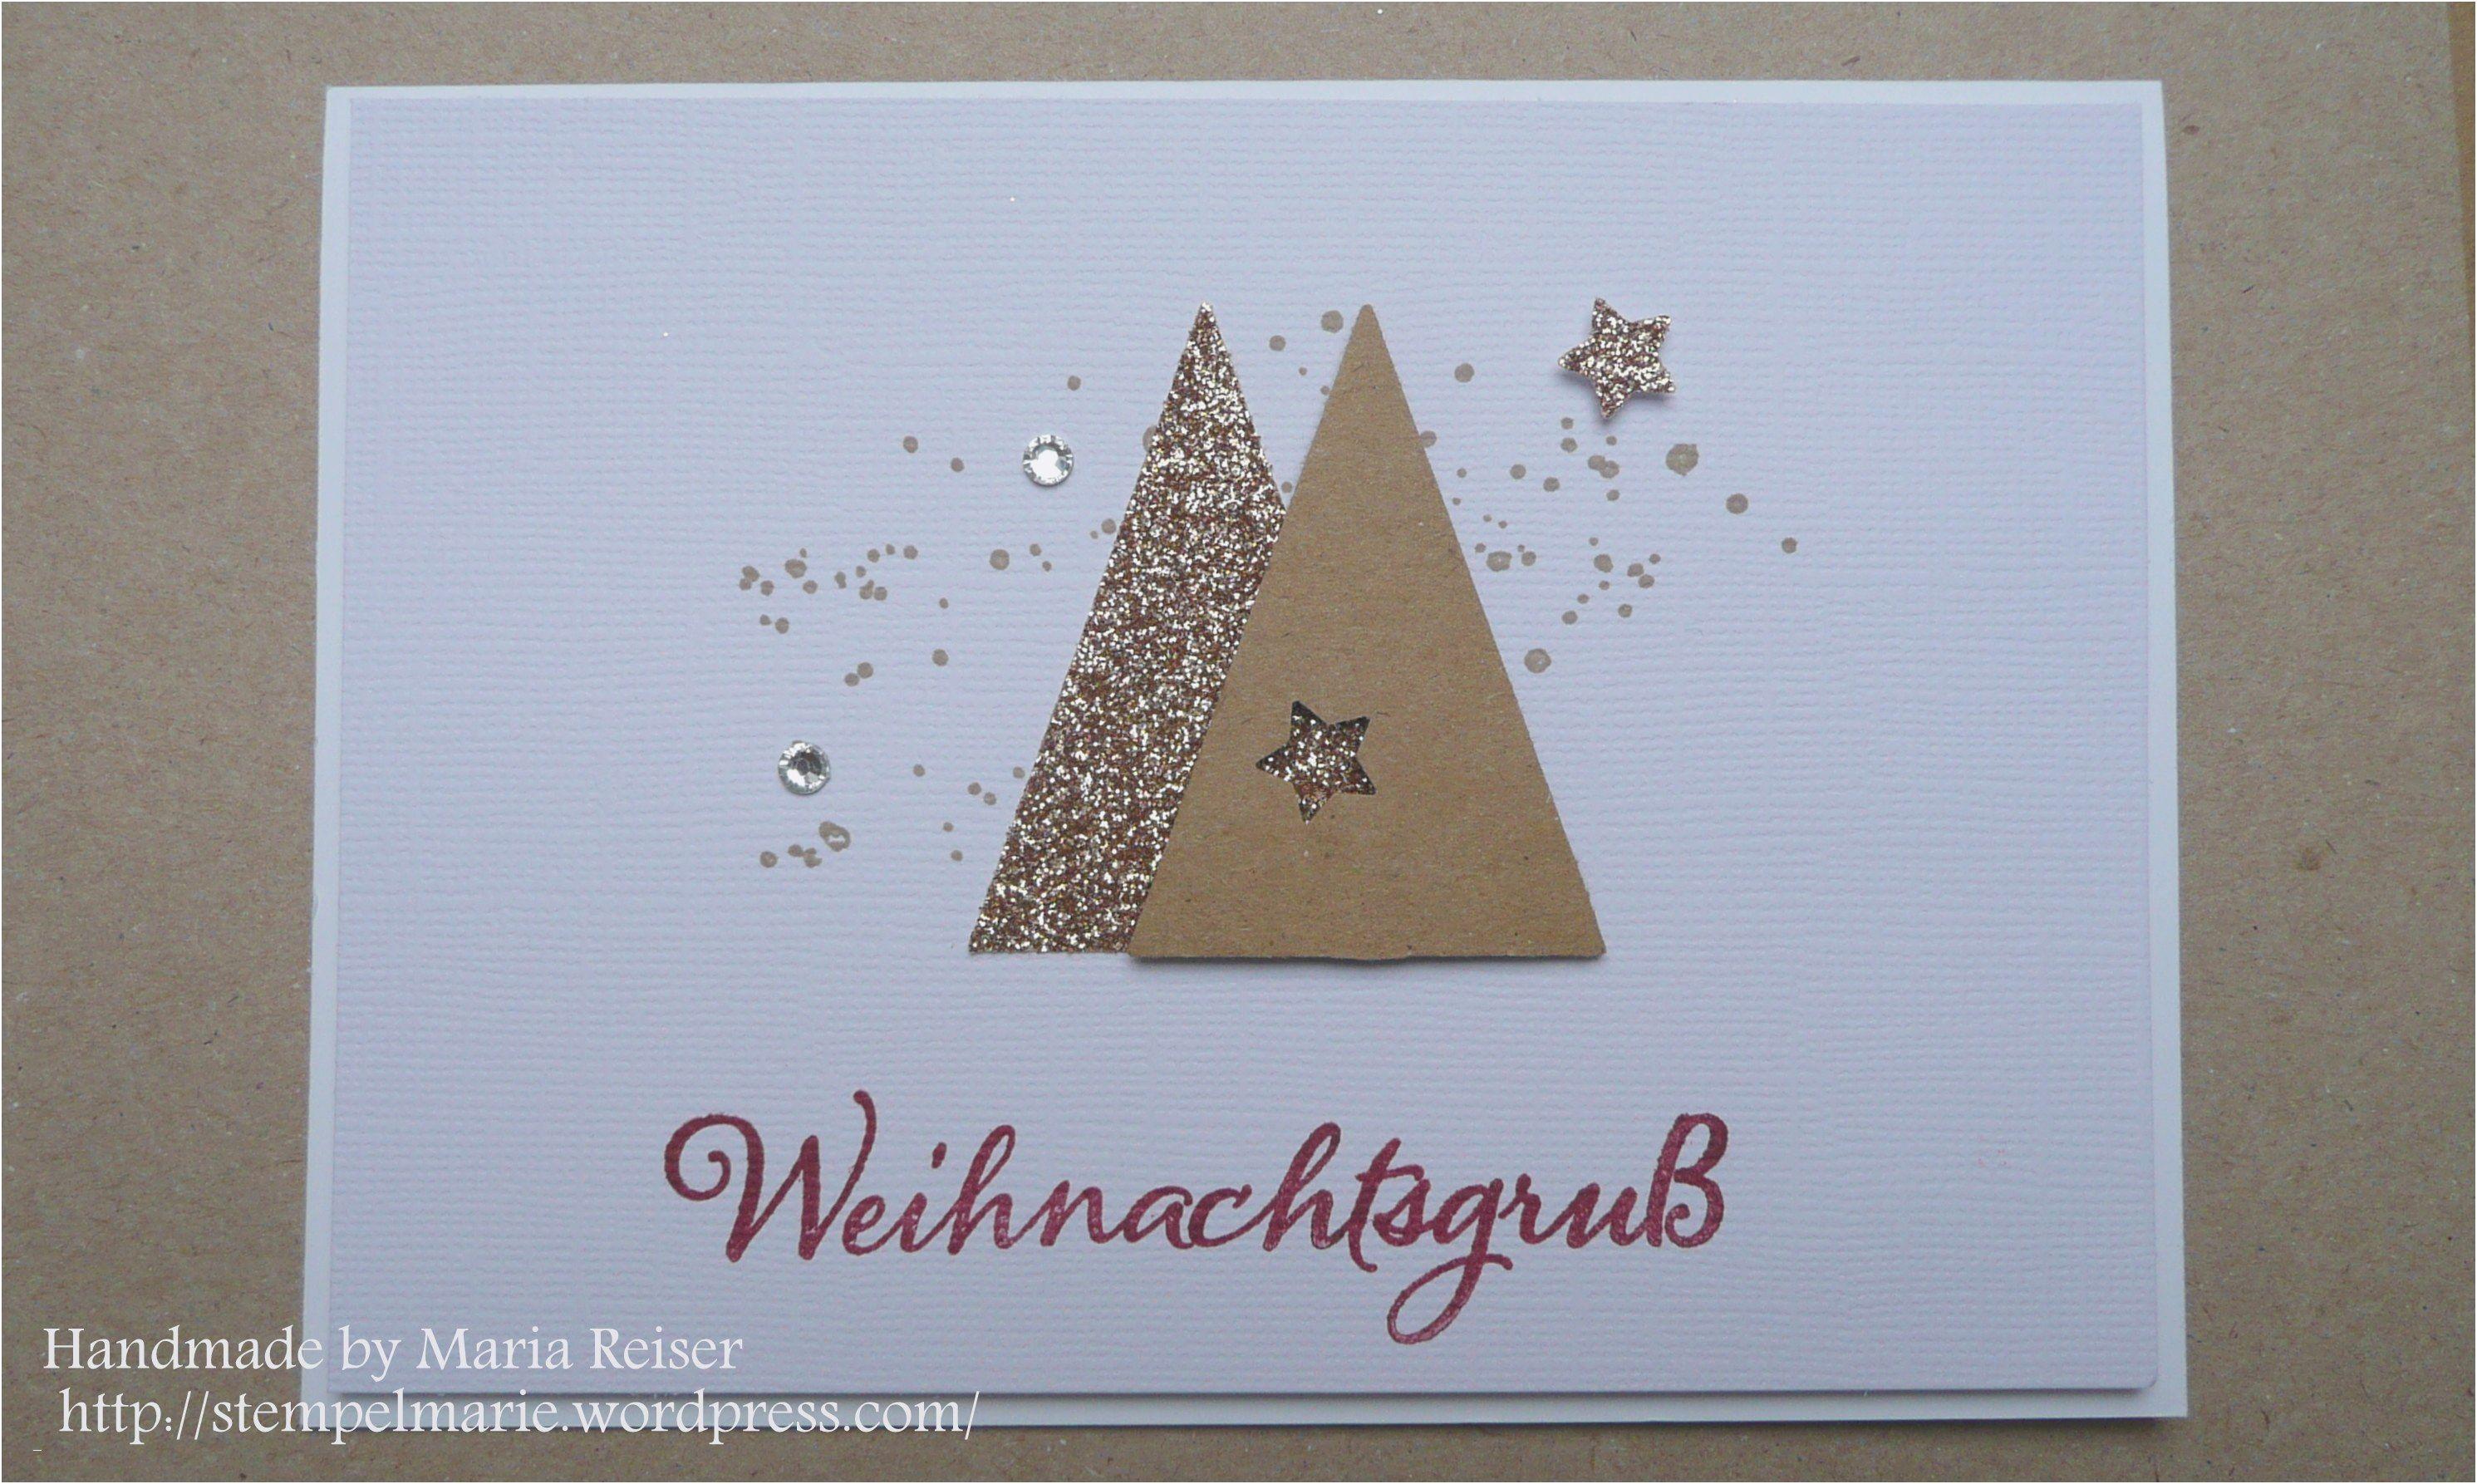 Weihnachtskarten Basteln Vorlagen Kostenlos.11 Hell Weihnachtskarten Selber Basteln Vorlagen Kostenlos Ideen Für